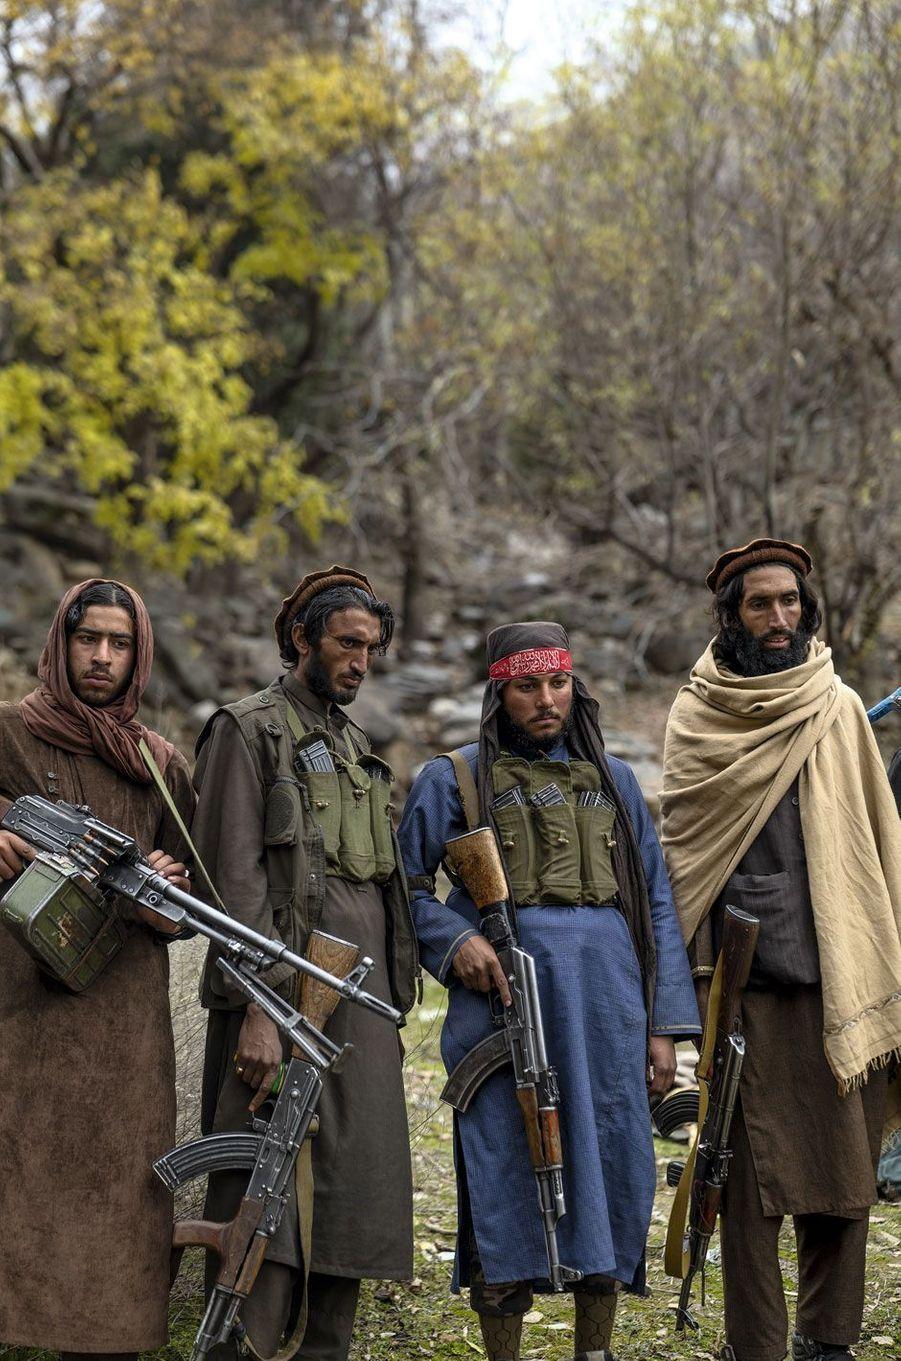 Les montagnes de Khogyani offrent un abri contre les frappes américaine